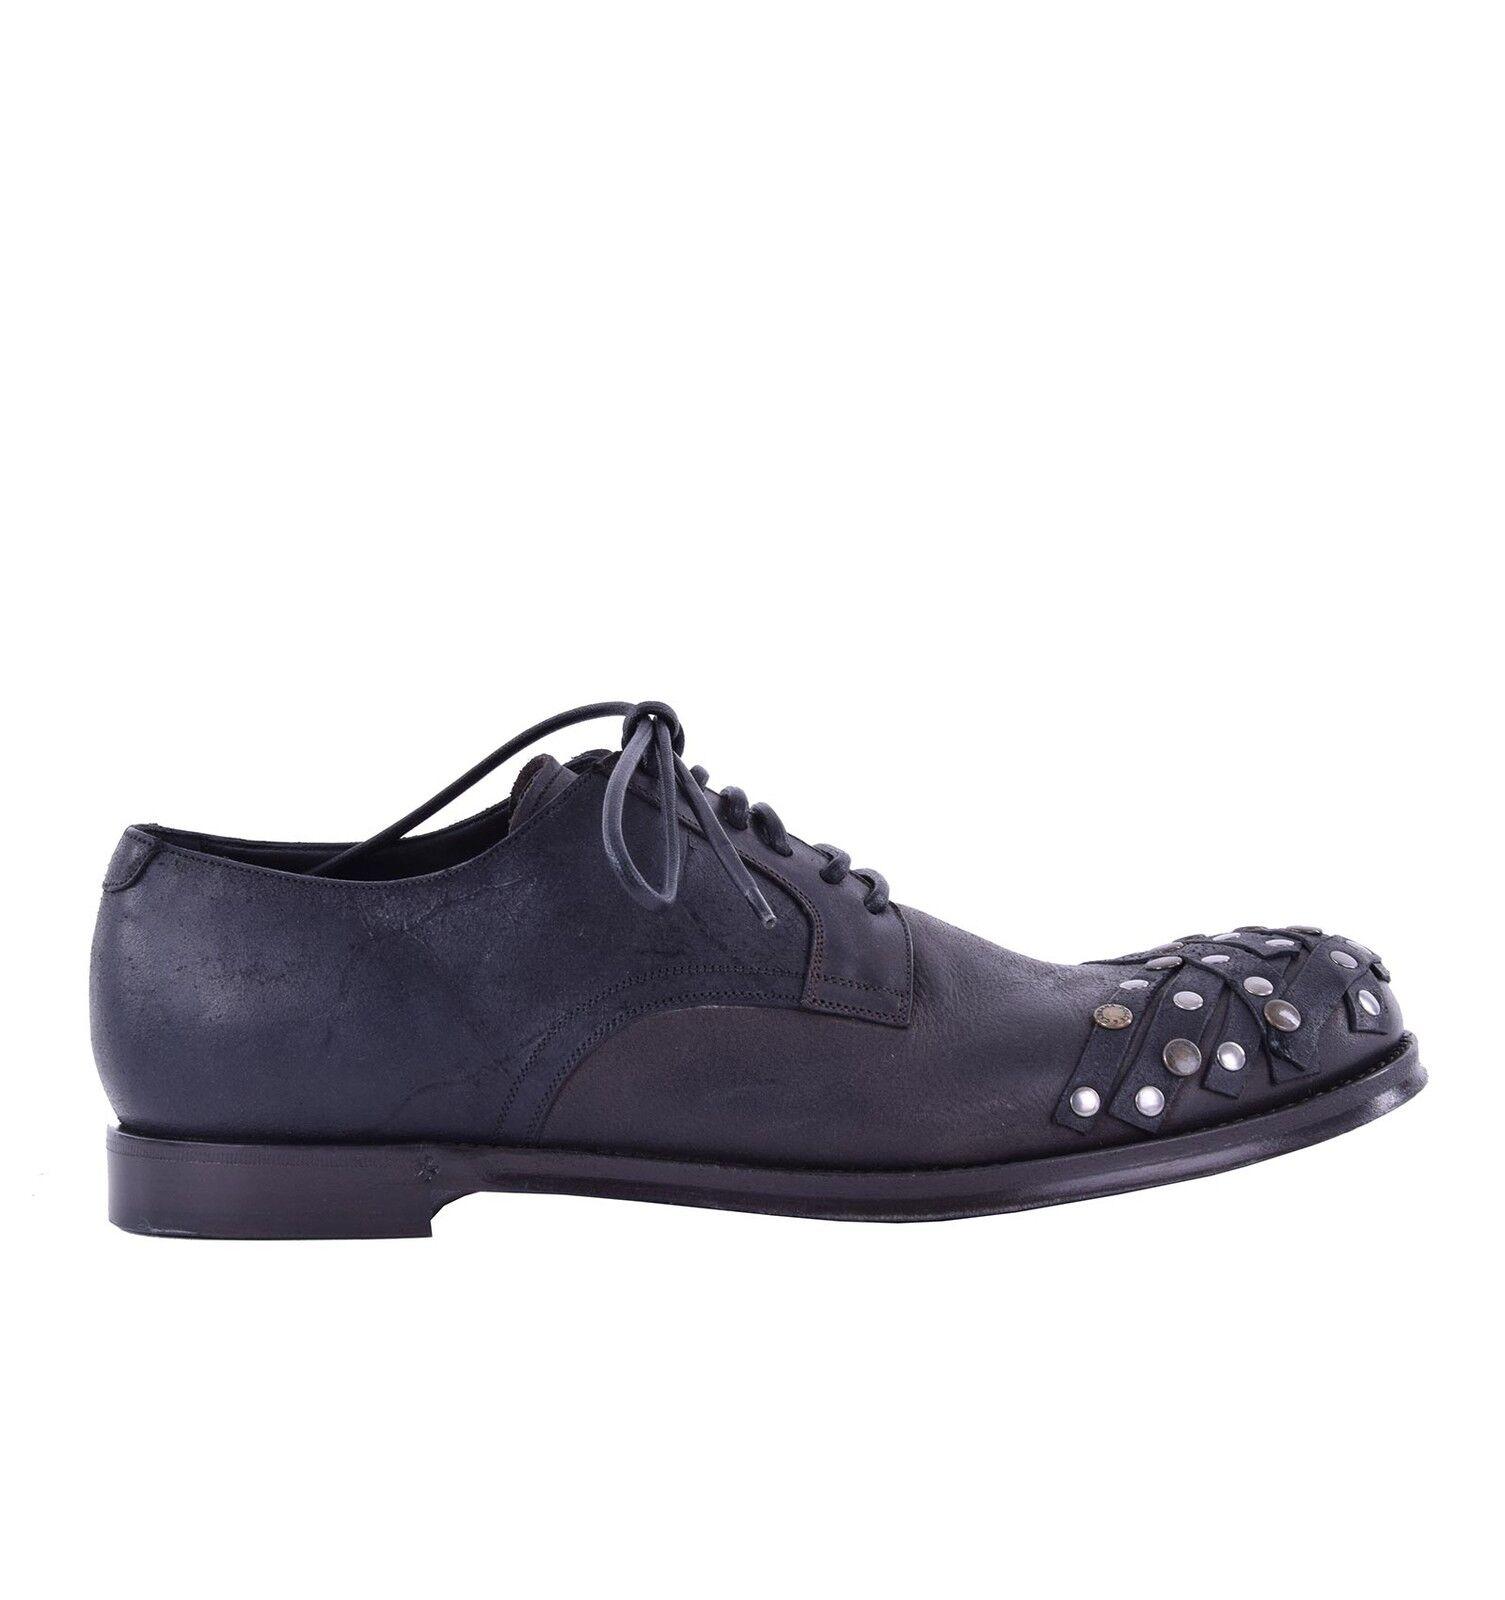 DOLCE & GABBANA Schuhe SIRACUSA mit Nieten Schwarz Braun Shoes Black 04953